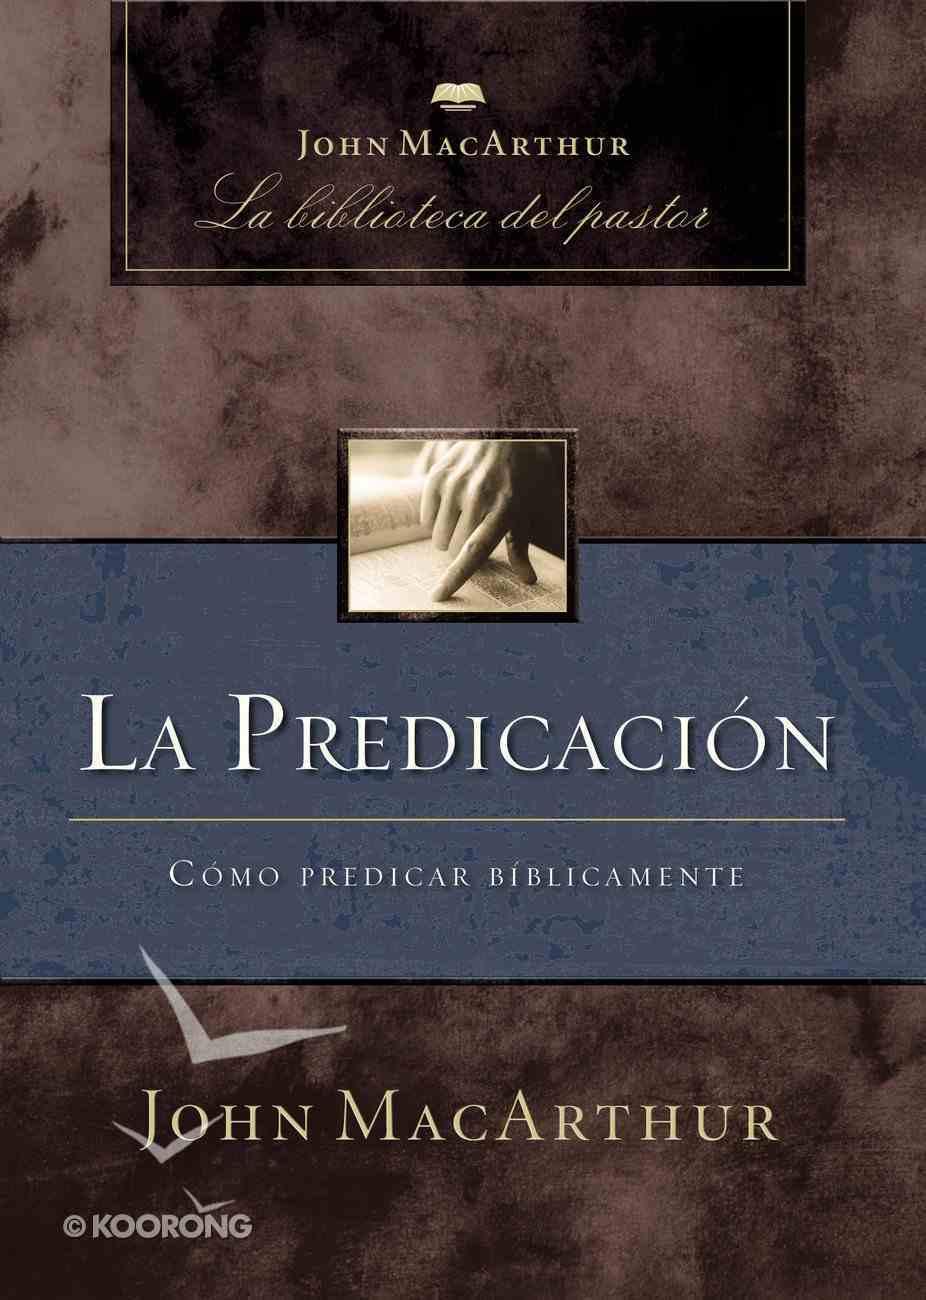 La Predicacion (Spanish) (Spa) (Preaching) eBook